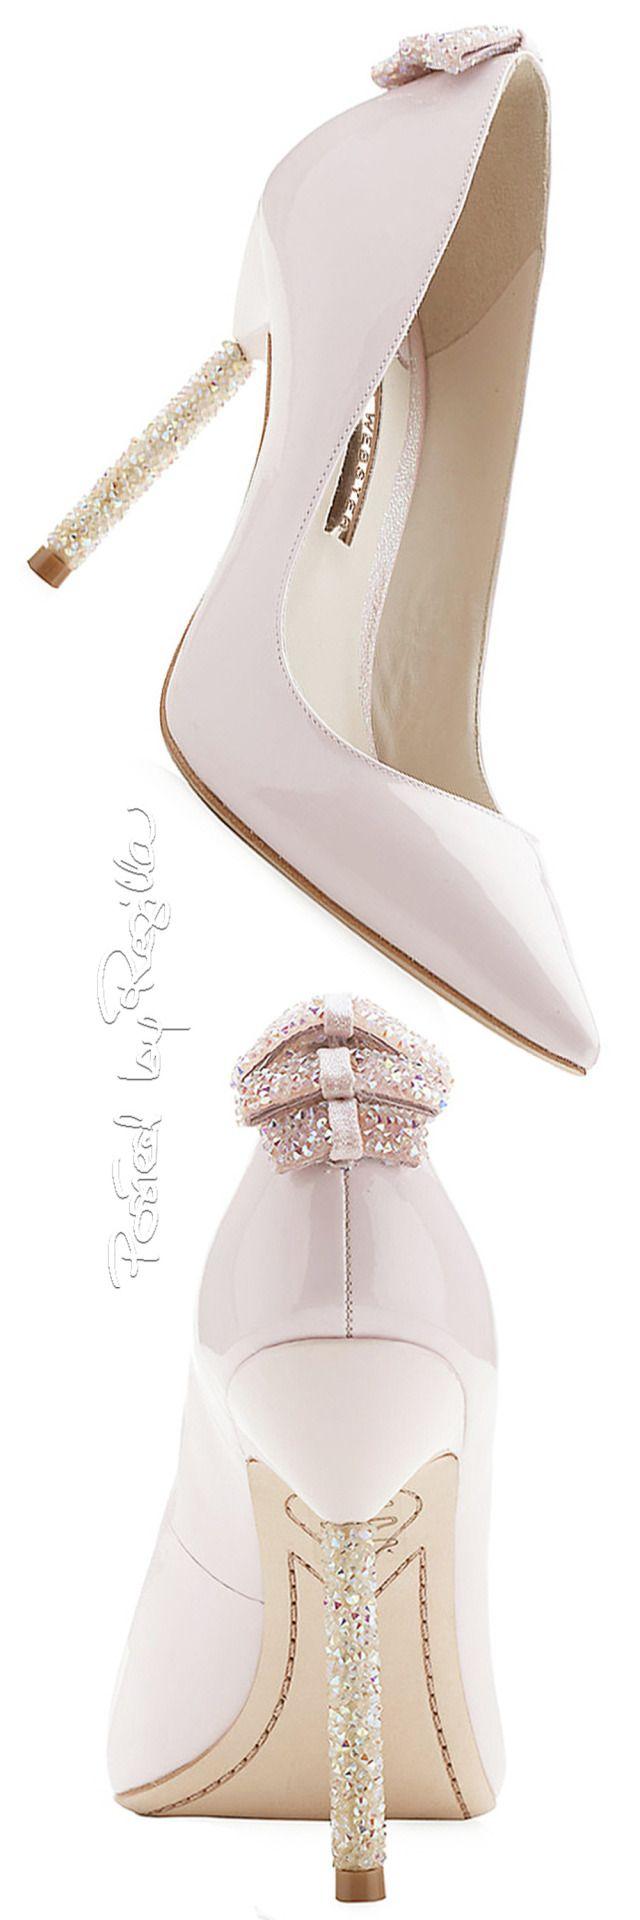 best fabulous footwear images on pinterest heels shoe boots